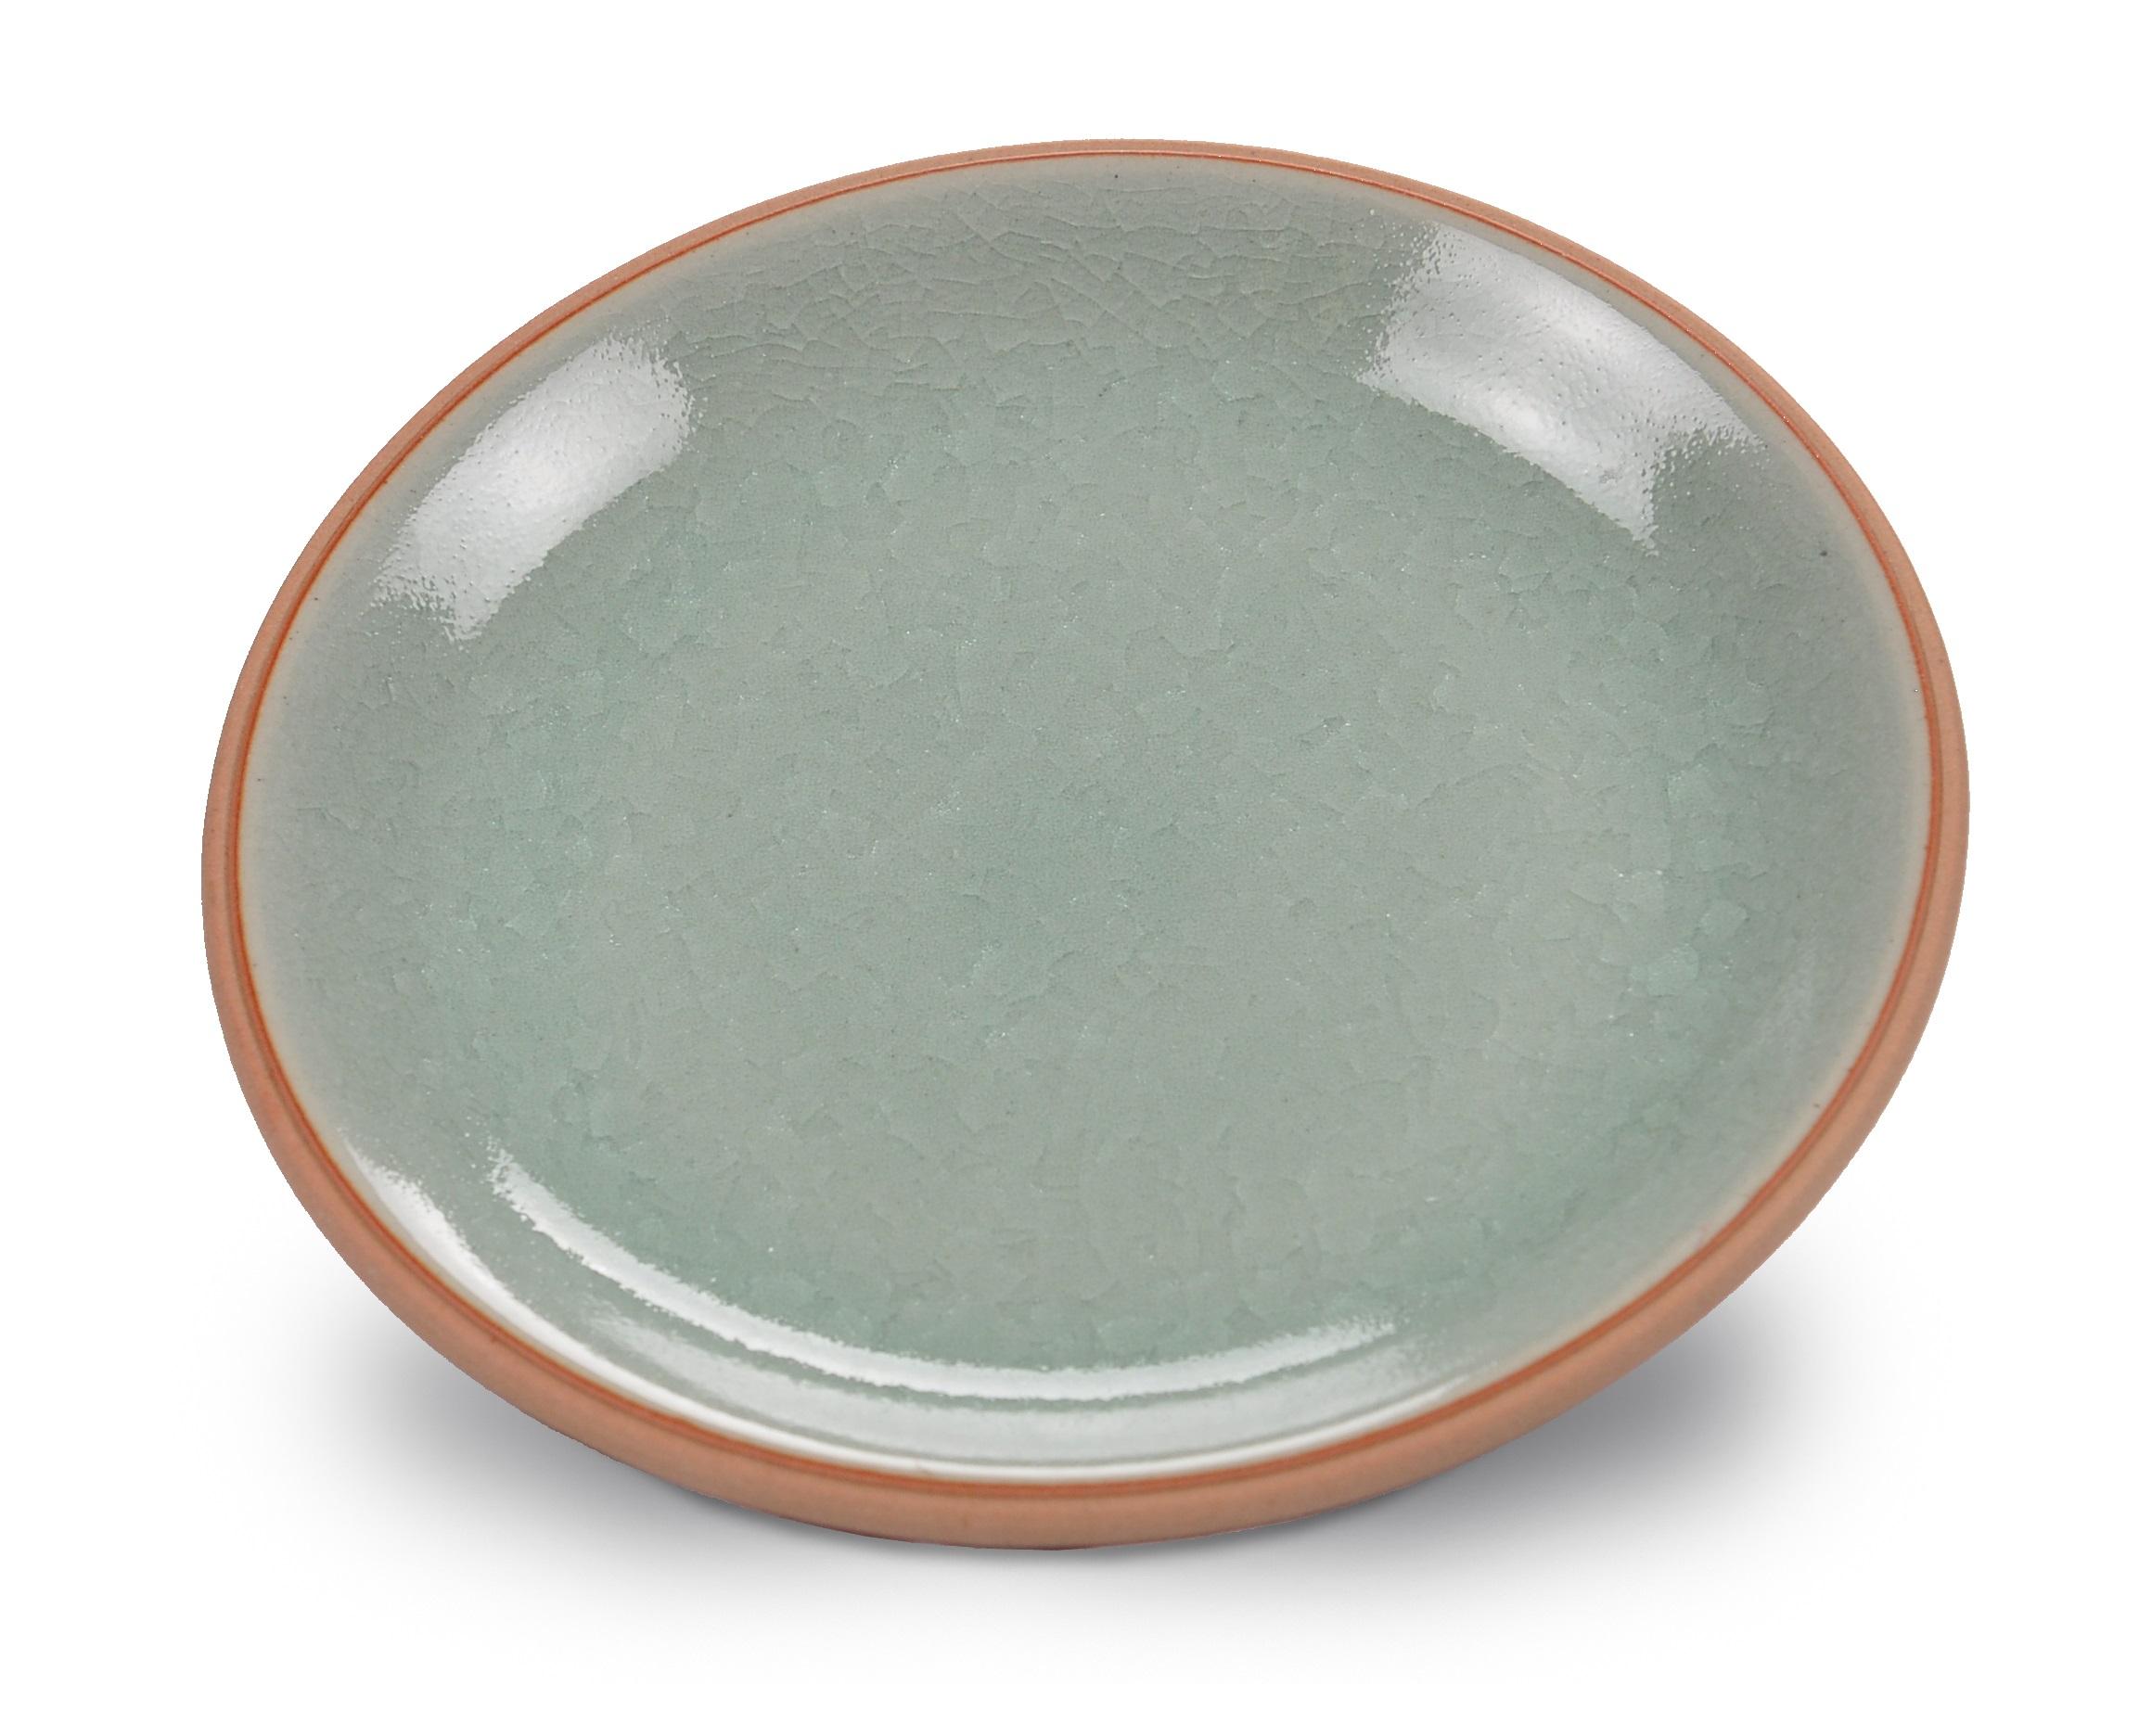 Тарелка ConceptТарелки<br>Сочетание минималистических тенденций и классической текстуры позволило создать посуду, способную удовлетворить самый изысканный вкус. Коллекция напоминает о тех минутах, когда природа замирает в ожидании чуда. Домашний обед или ужин в ресторане, коллекция &amp;quot;Concept&amp;quot; создаст атмосферу индивидуальности, изысканности и гармонии.&amp;amp;nbsp;<br><br>Material: Керамика<br>Height см: 3.2<br>Diameter см: 22.9